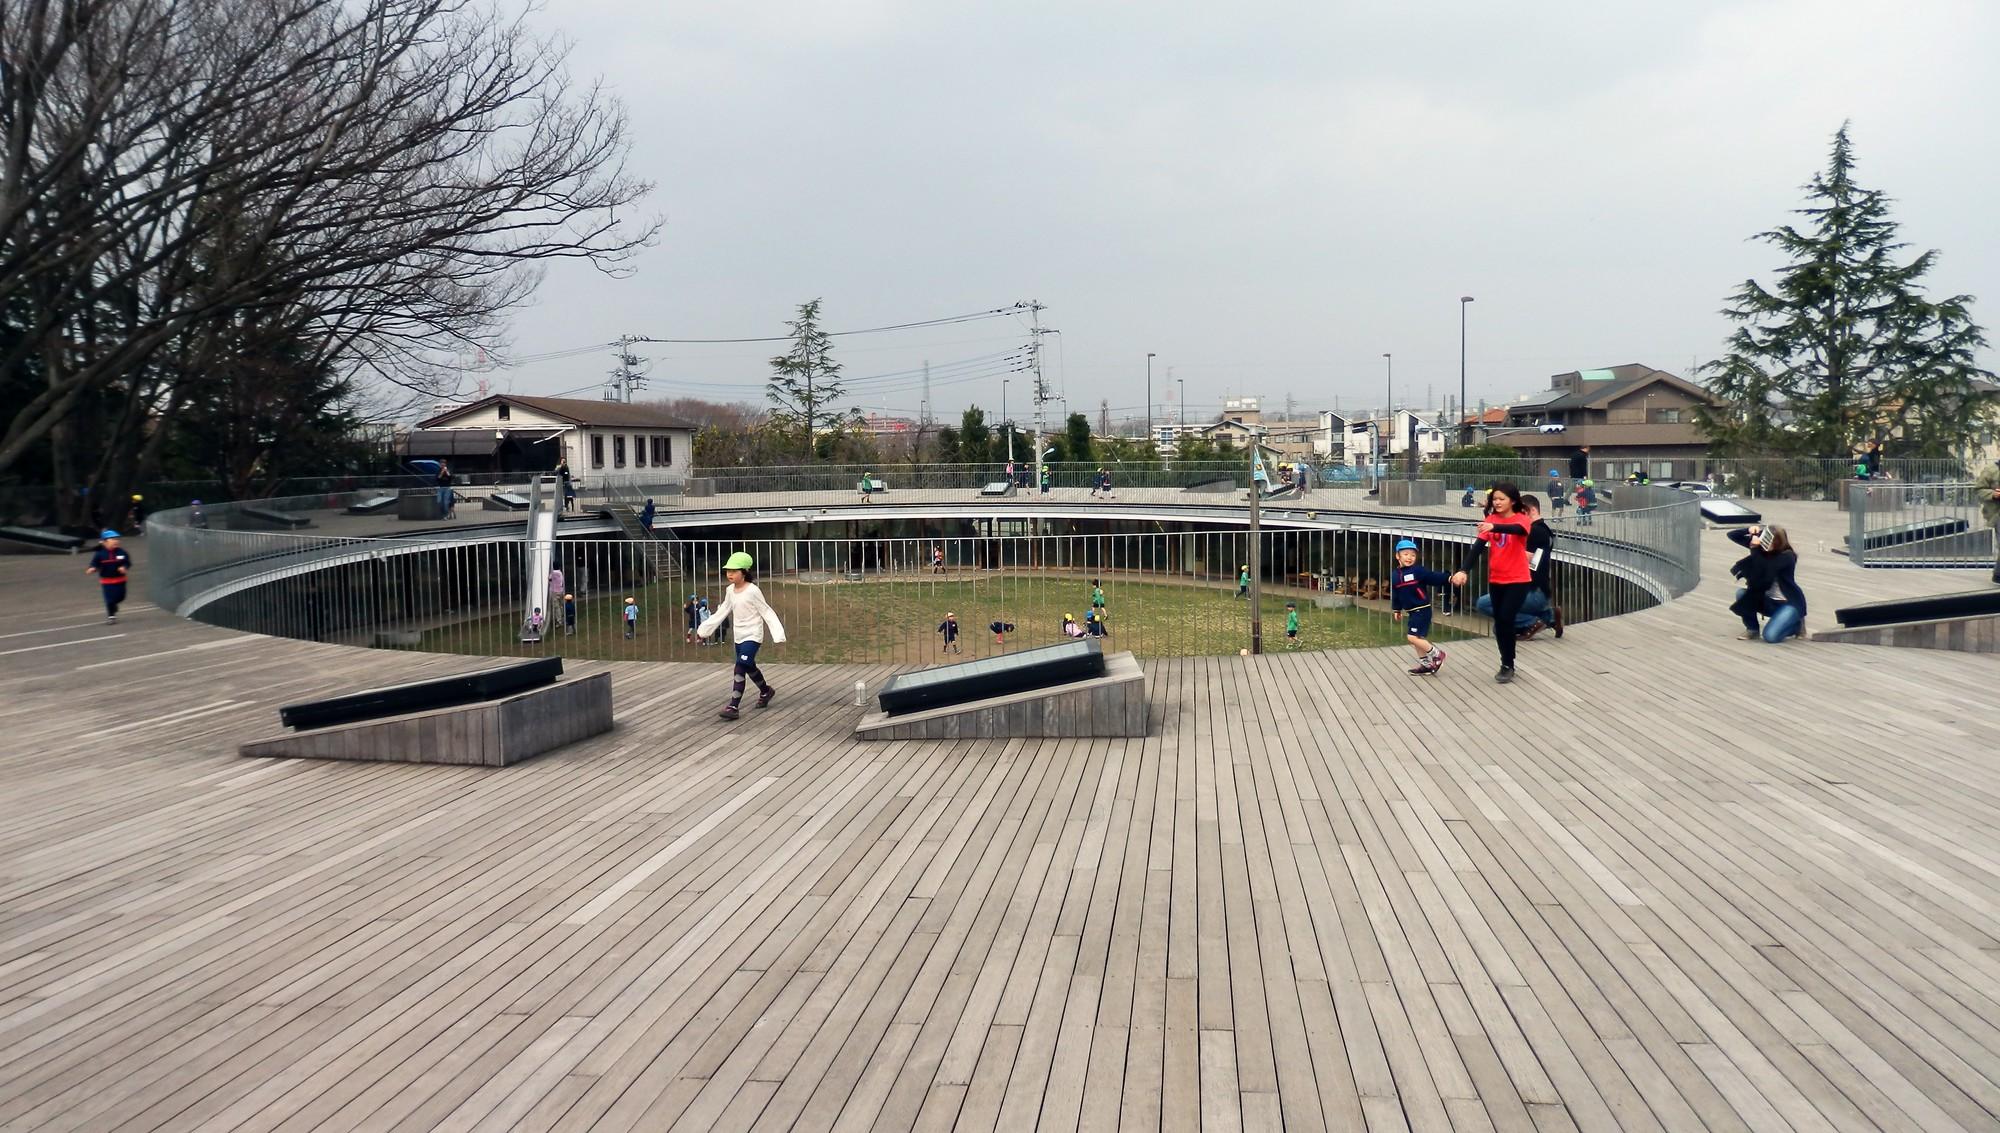 15 phát minh đỉnh cao ở Nhật Bản khiến bạn nhận ra chúng ta và họ dường như cách nhau cả thế kỷ - Ảnh 8.